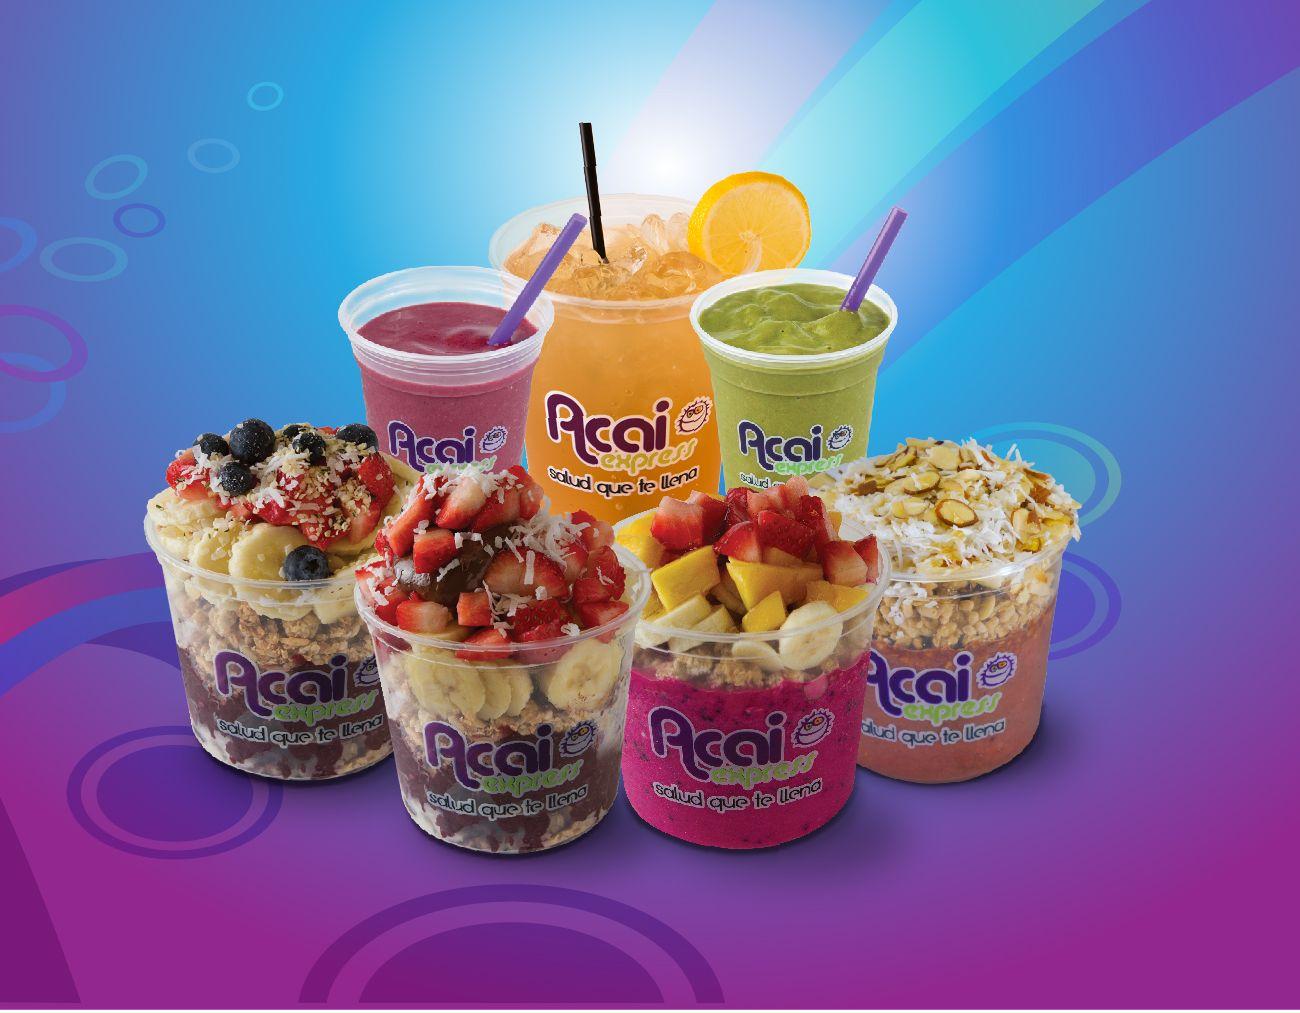 Acai Express Opens in Rockaway, New Jersey